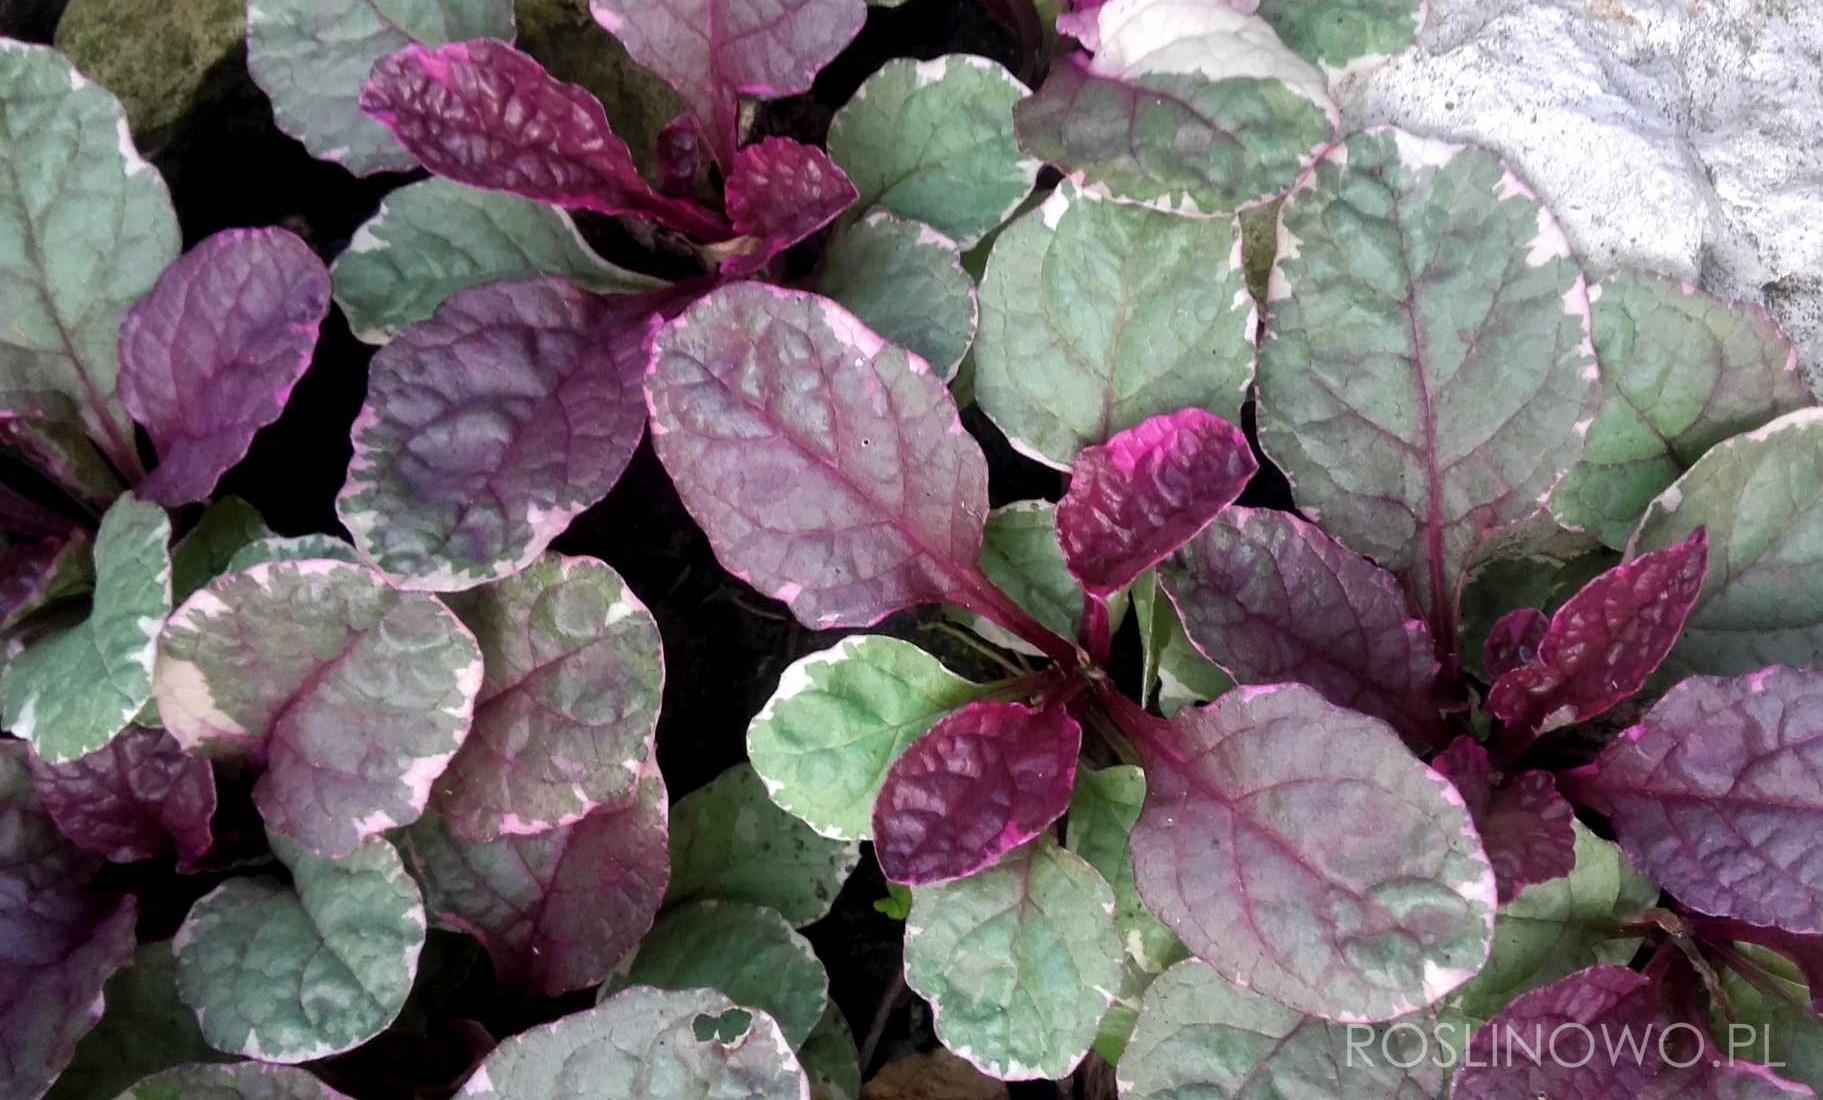 dąbrówka rozłogowa burgundy glow - bylina ogrodowa o bardzo dekoracyjnych liściach i miododajnych kwiatostanach